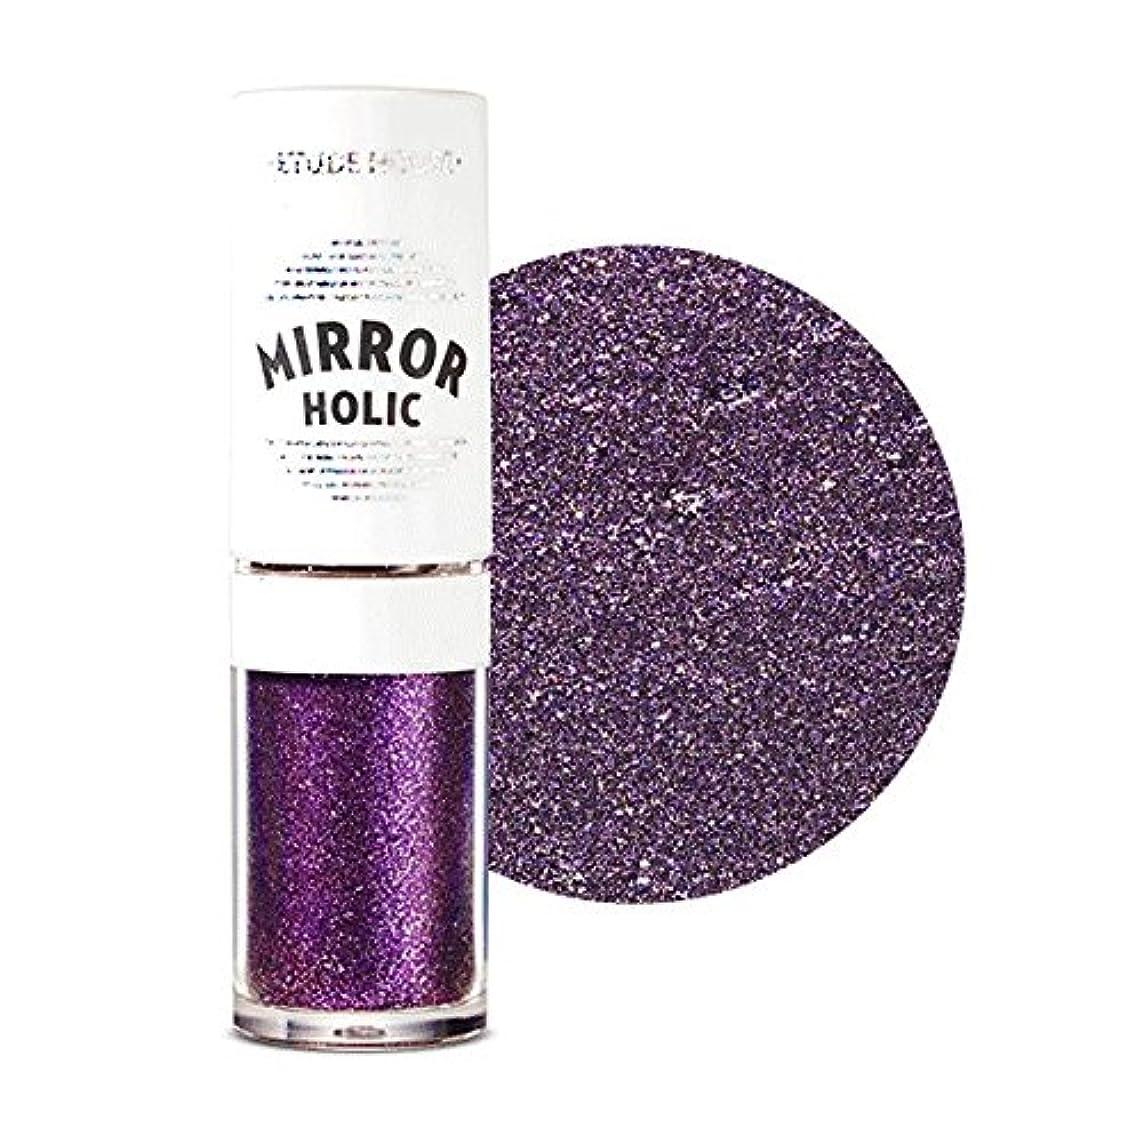 またねネックレット鳴らすETUDE HOUSE Mirror Holic Liquid Eyes / エチュードハウス ミラーホリックリキッドアイズ ミラーホリックリキッドアイズ (PP501) [並行輸入品]